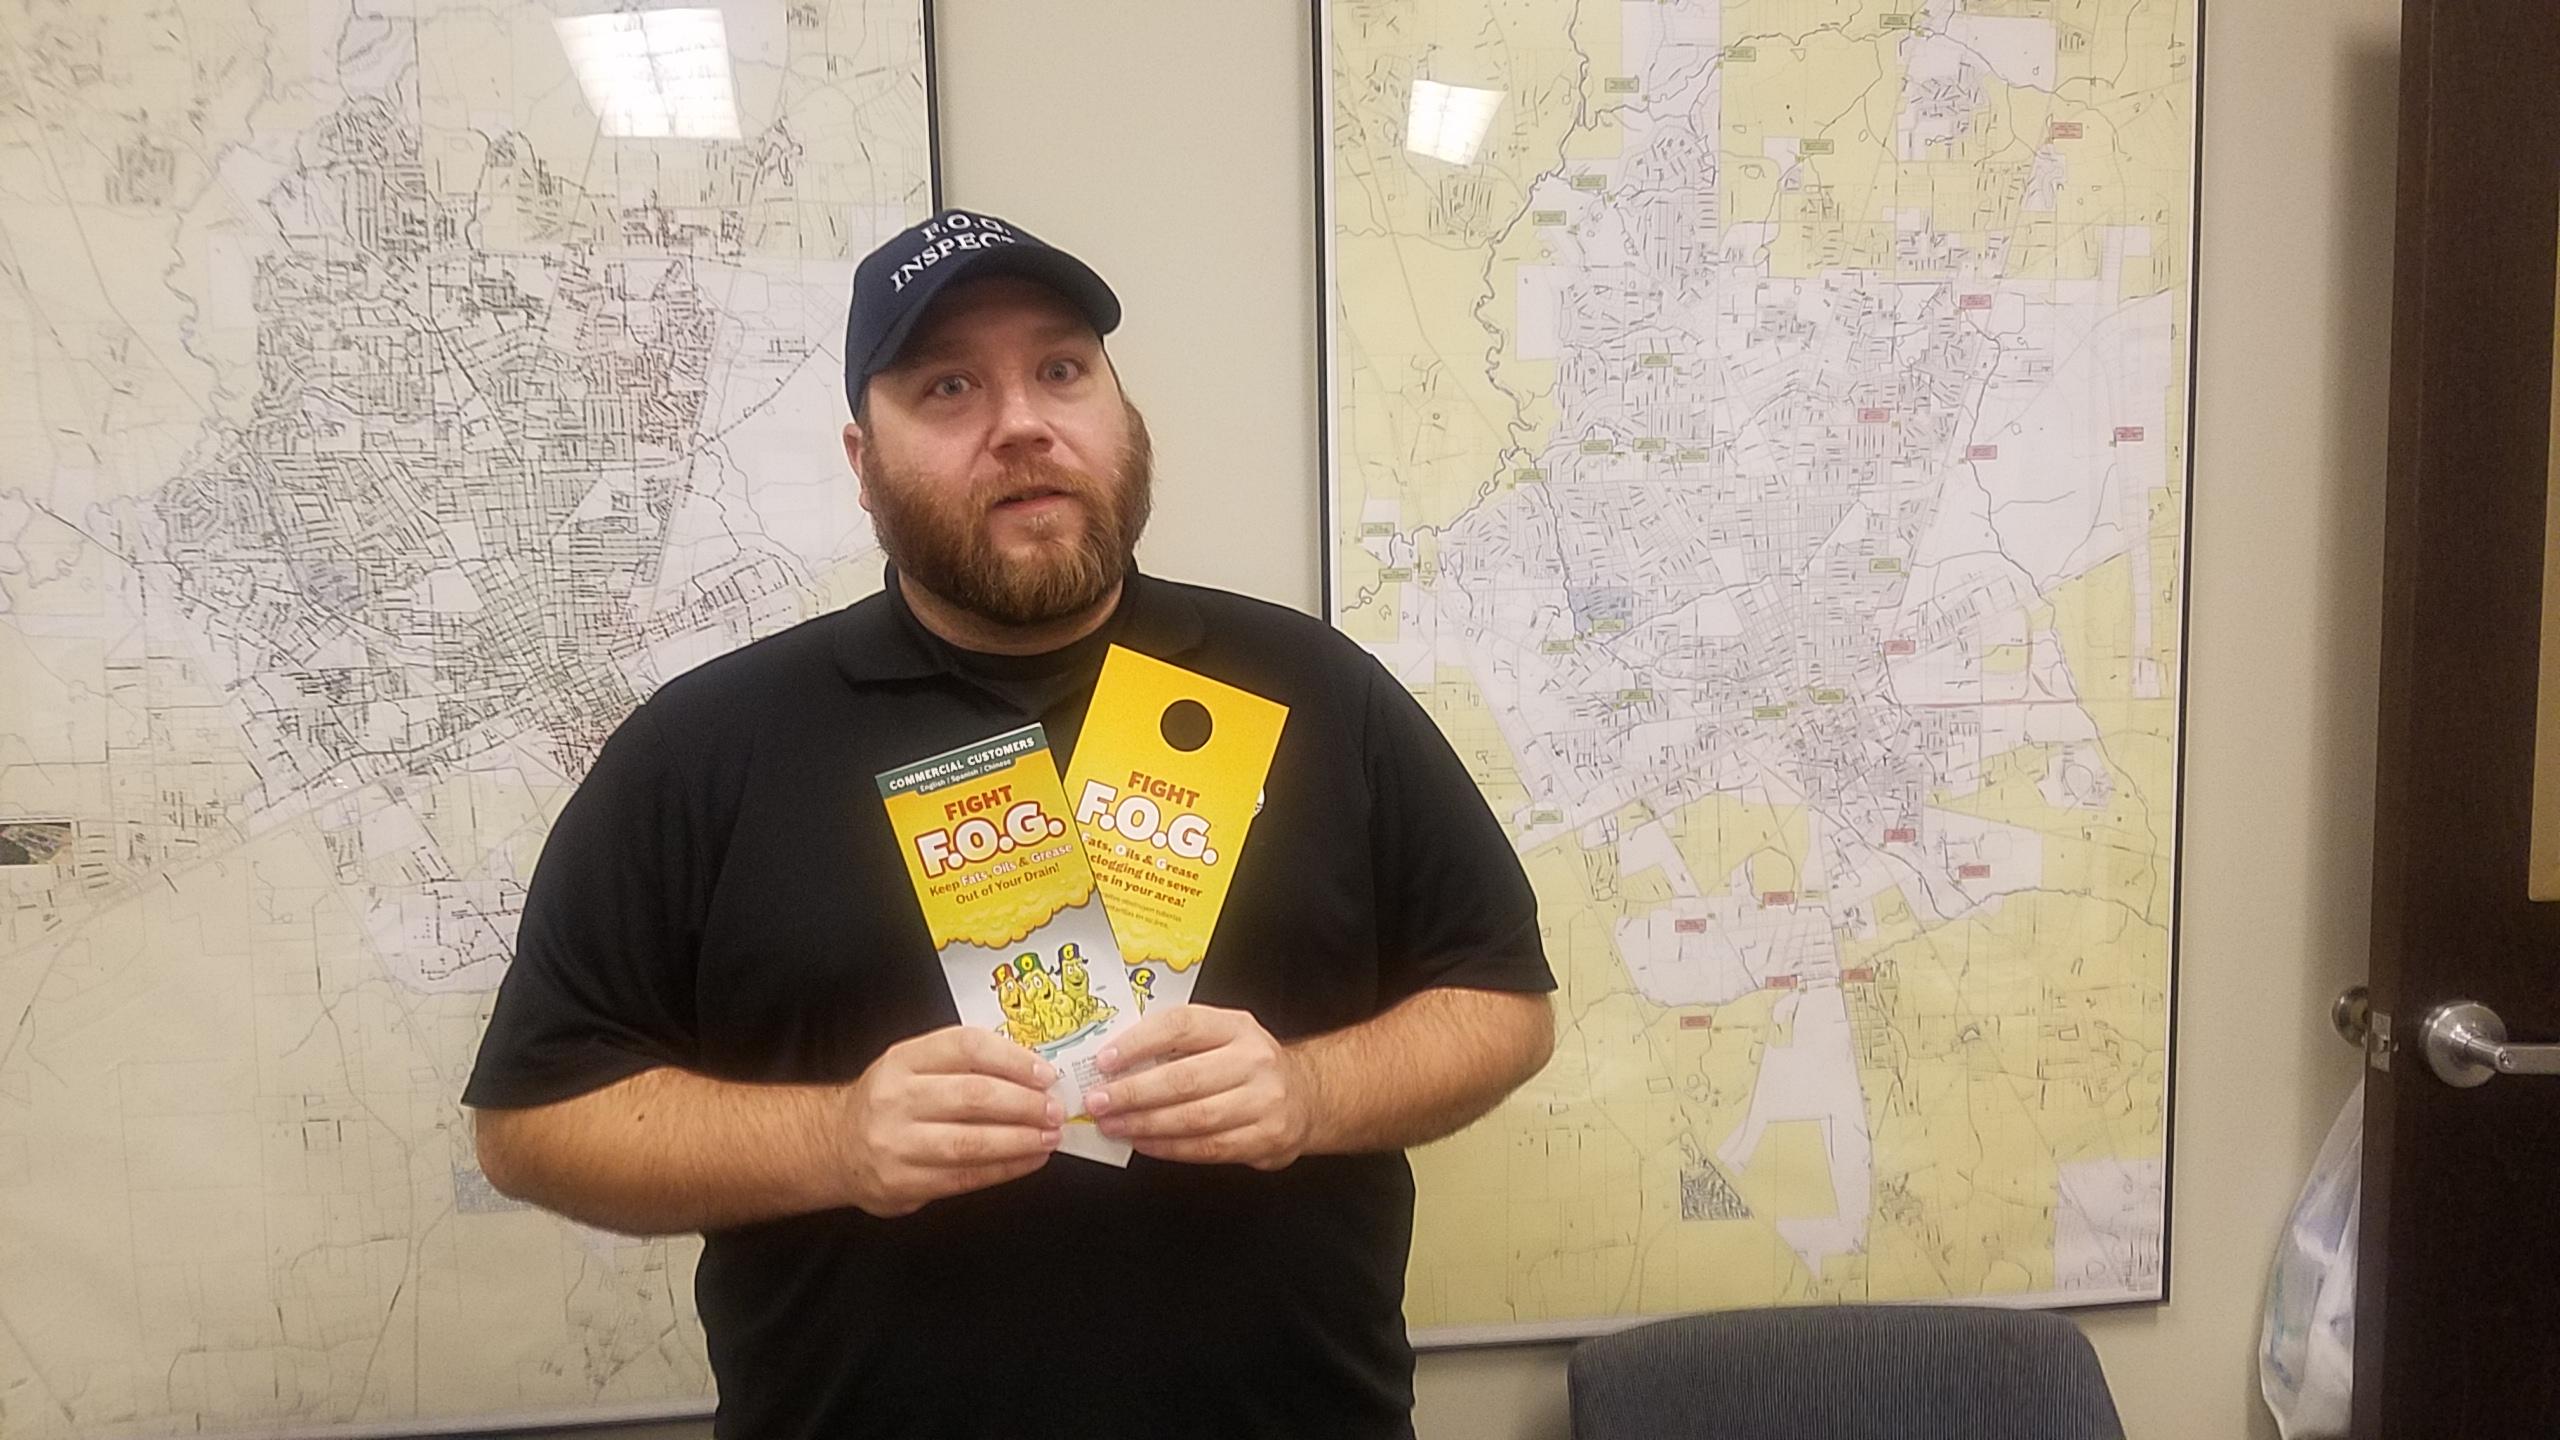 2560x1440 Joseph Gangler, FOG Prevention Program Technician, FOG, in Valdosta FOG, by John S. Quarterman, for WWALS.net, 8 August 2018